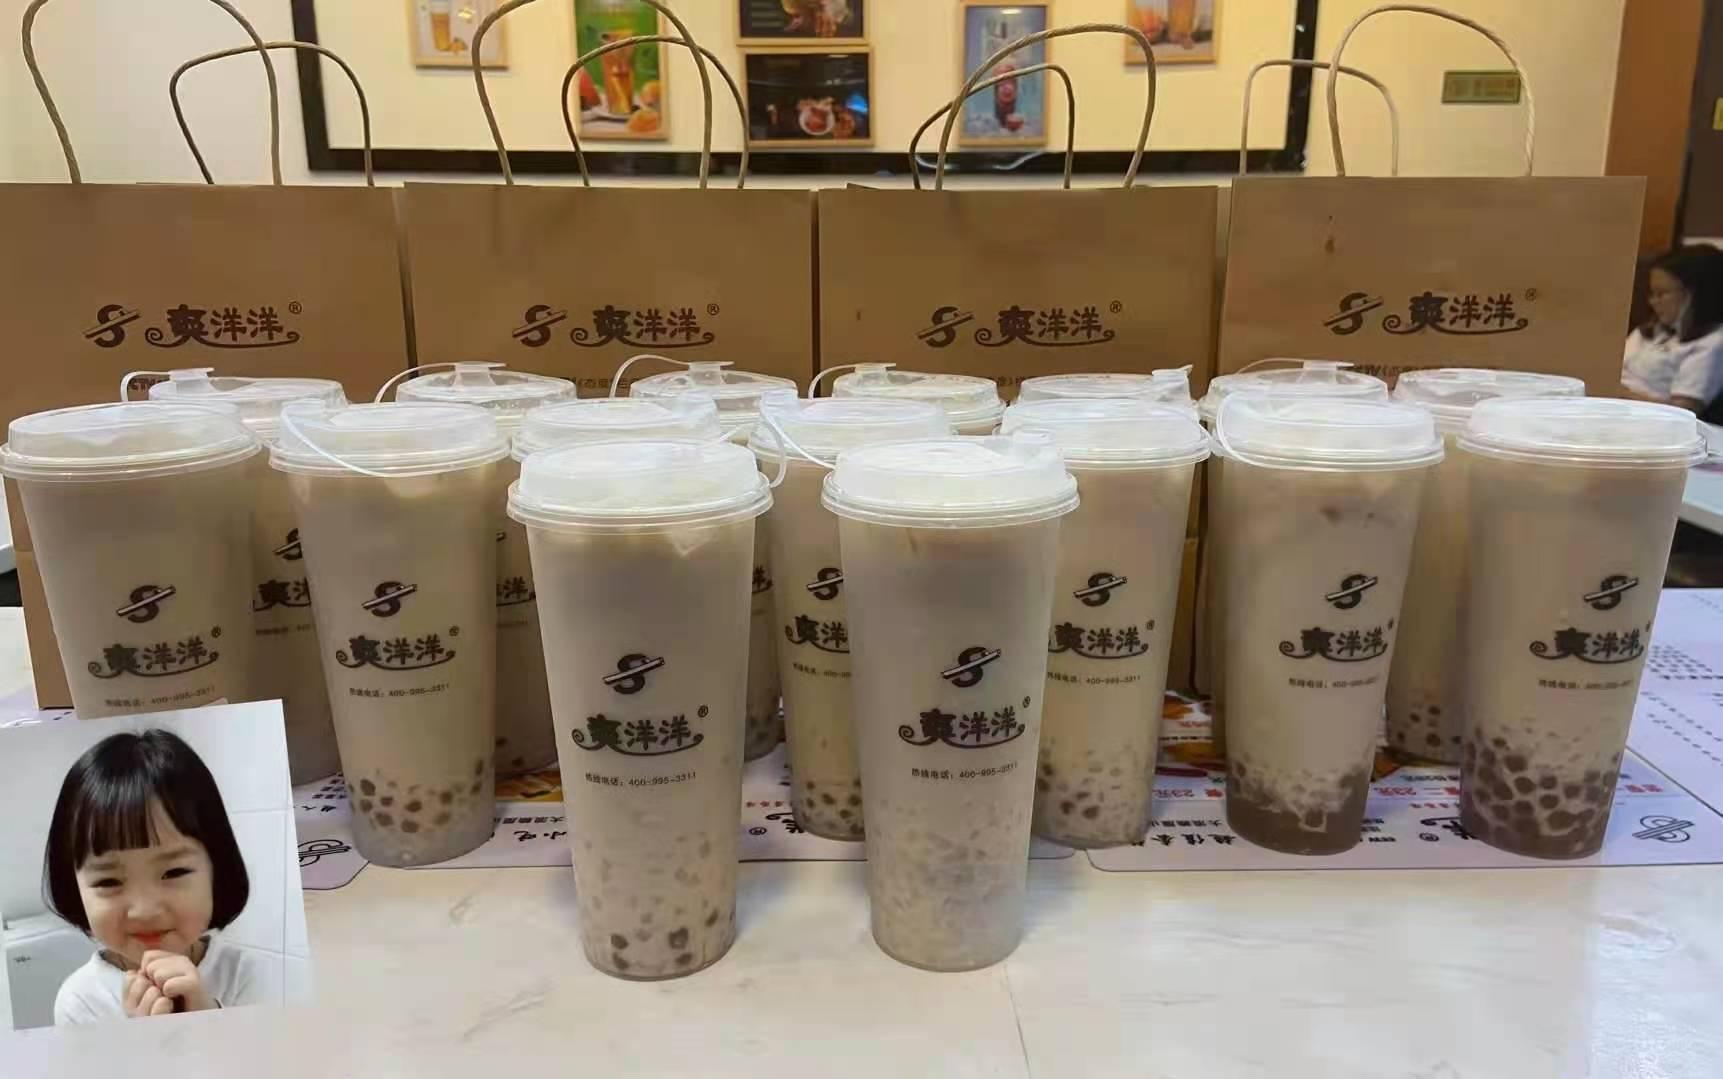 小饮品店如何经营赚大钱?在深圳如何经营好饮品店?